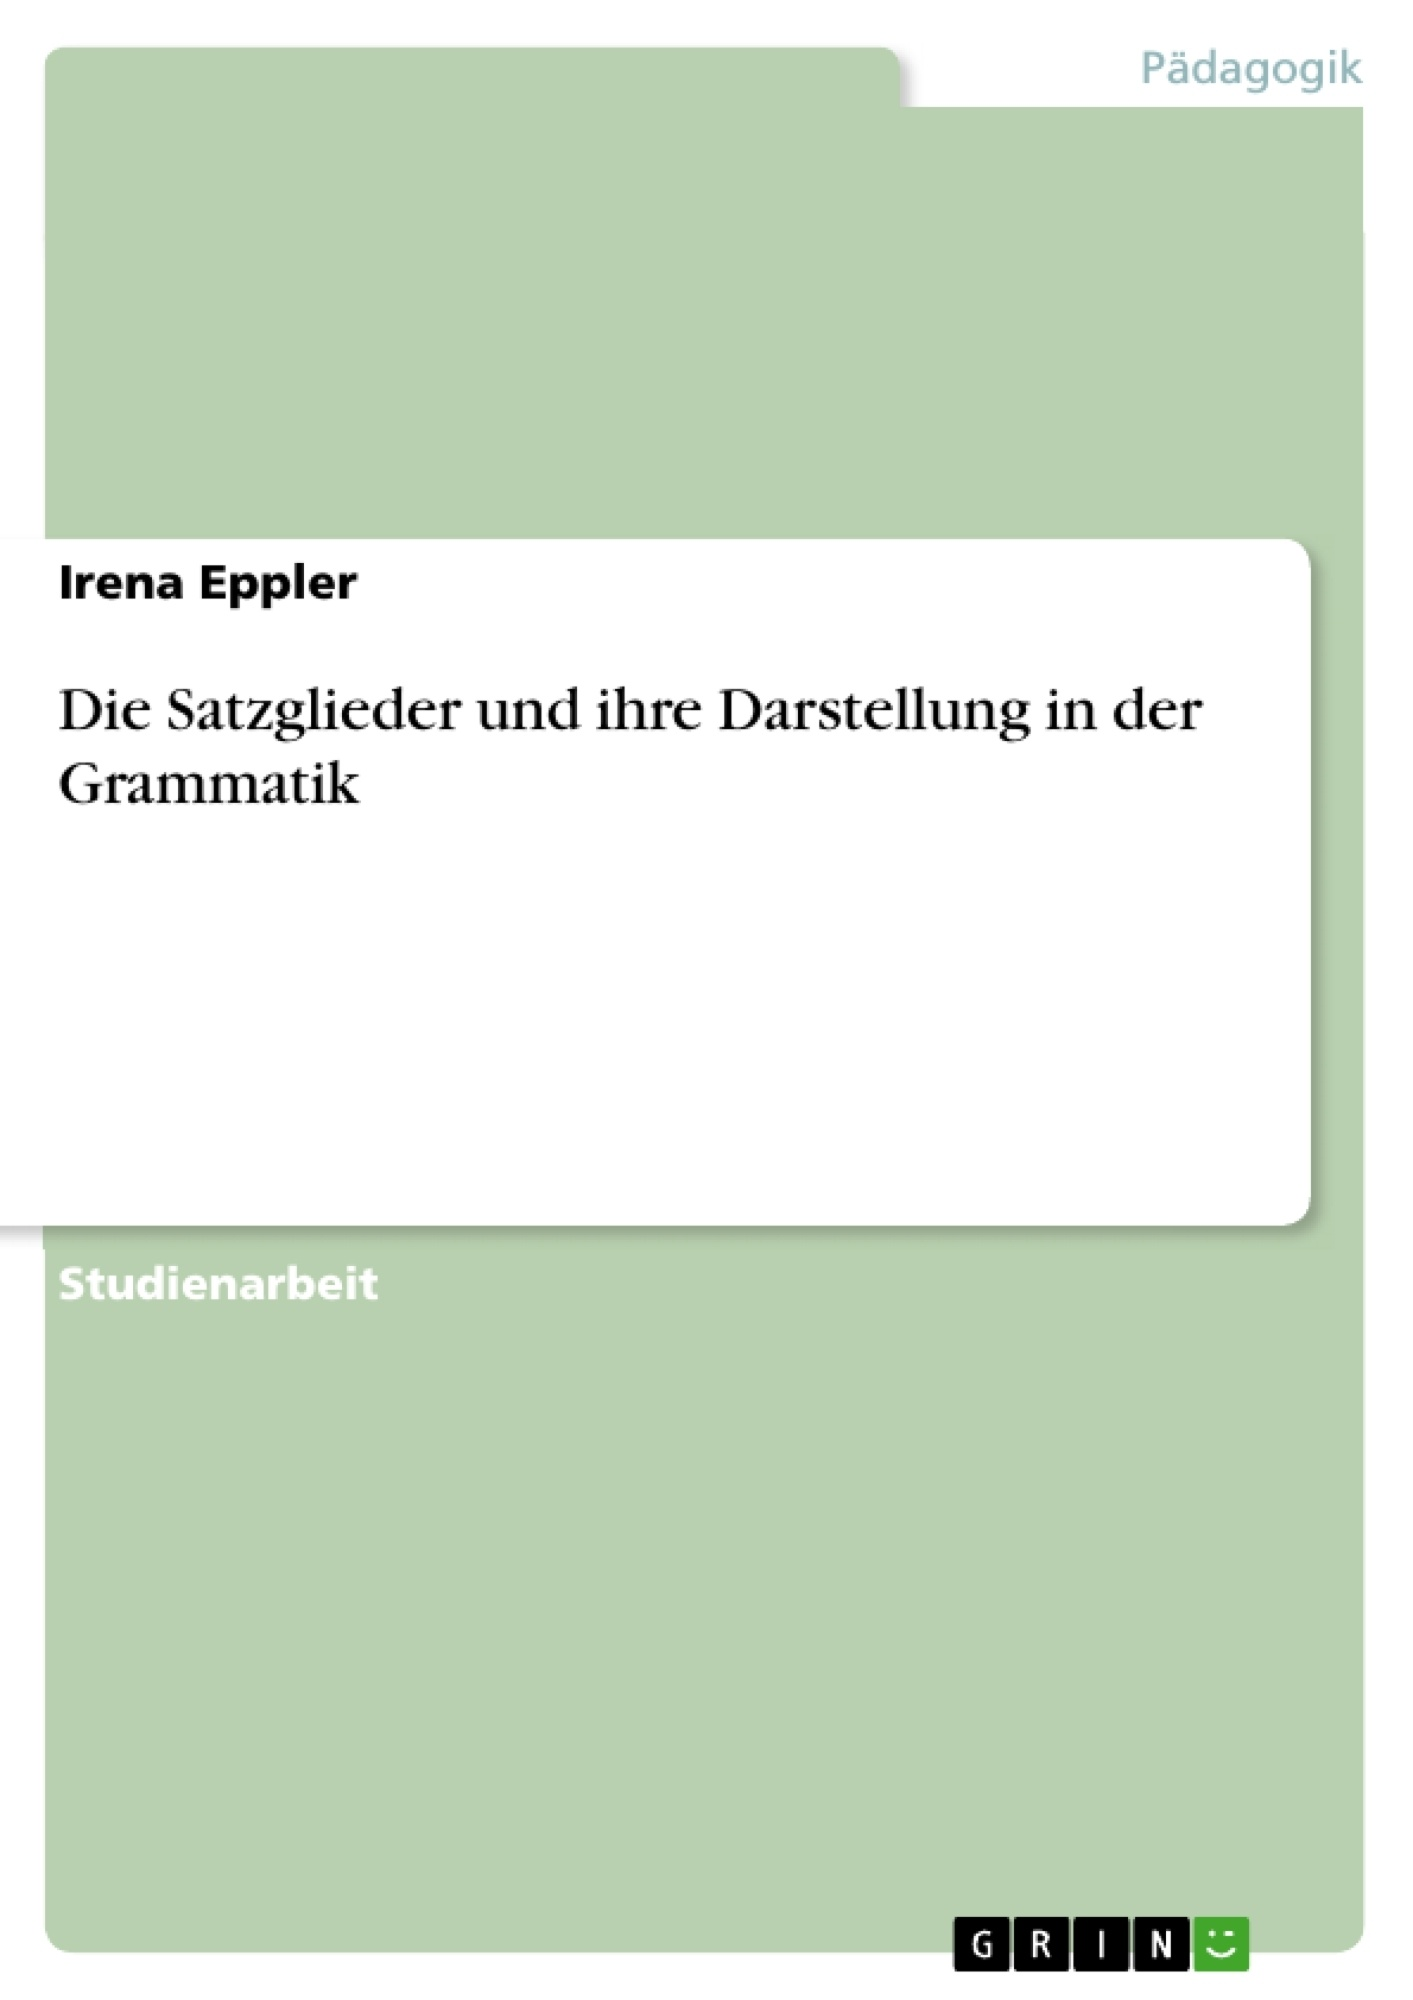 Titel: Die Satzglieder und ihre Darstellung in der Grammatik